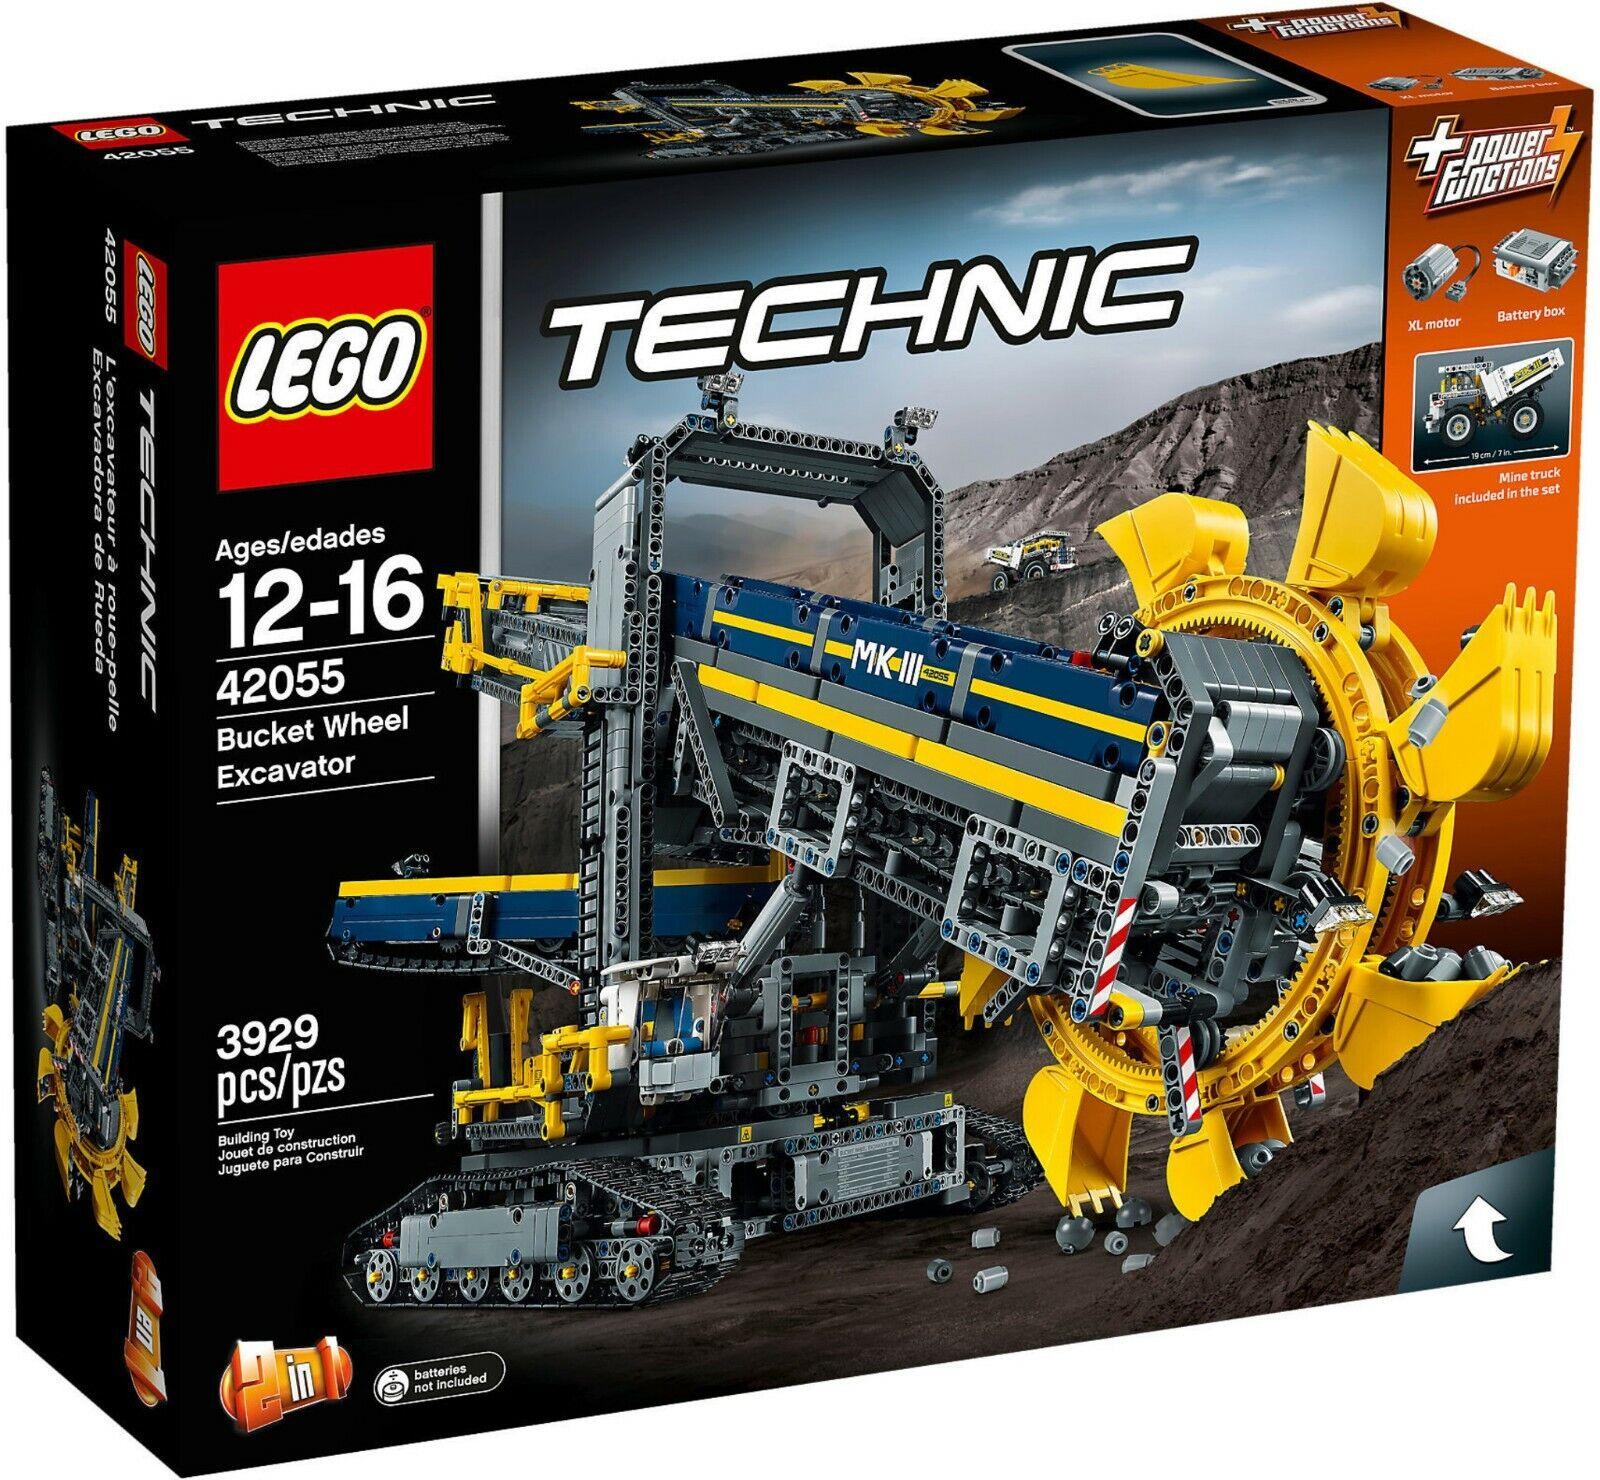 LEGO 42055 Escavatore da miniera   - TECHNIC 12-16 Pz 3929  ordina ora i prezzi più bassi